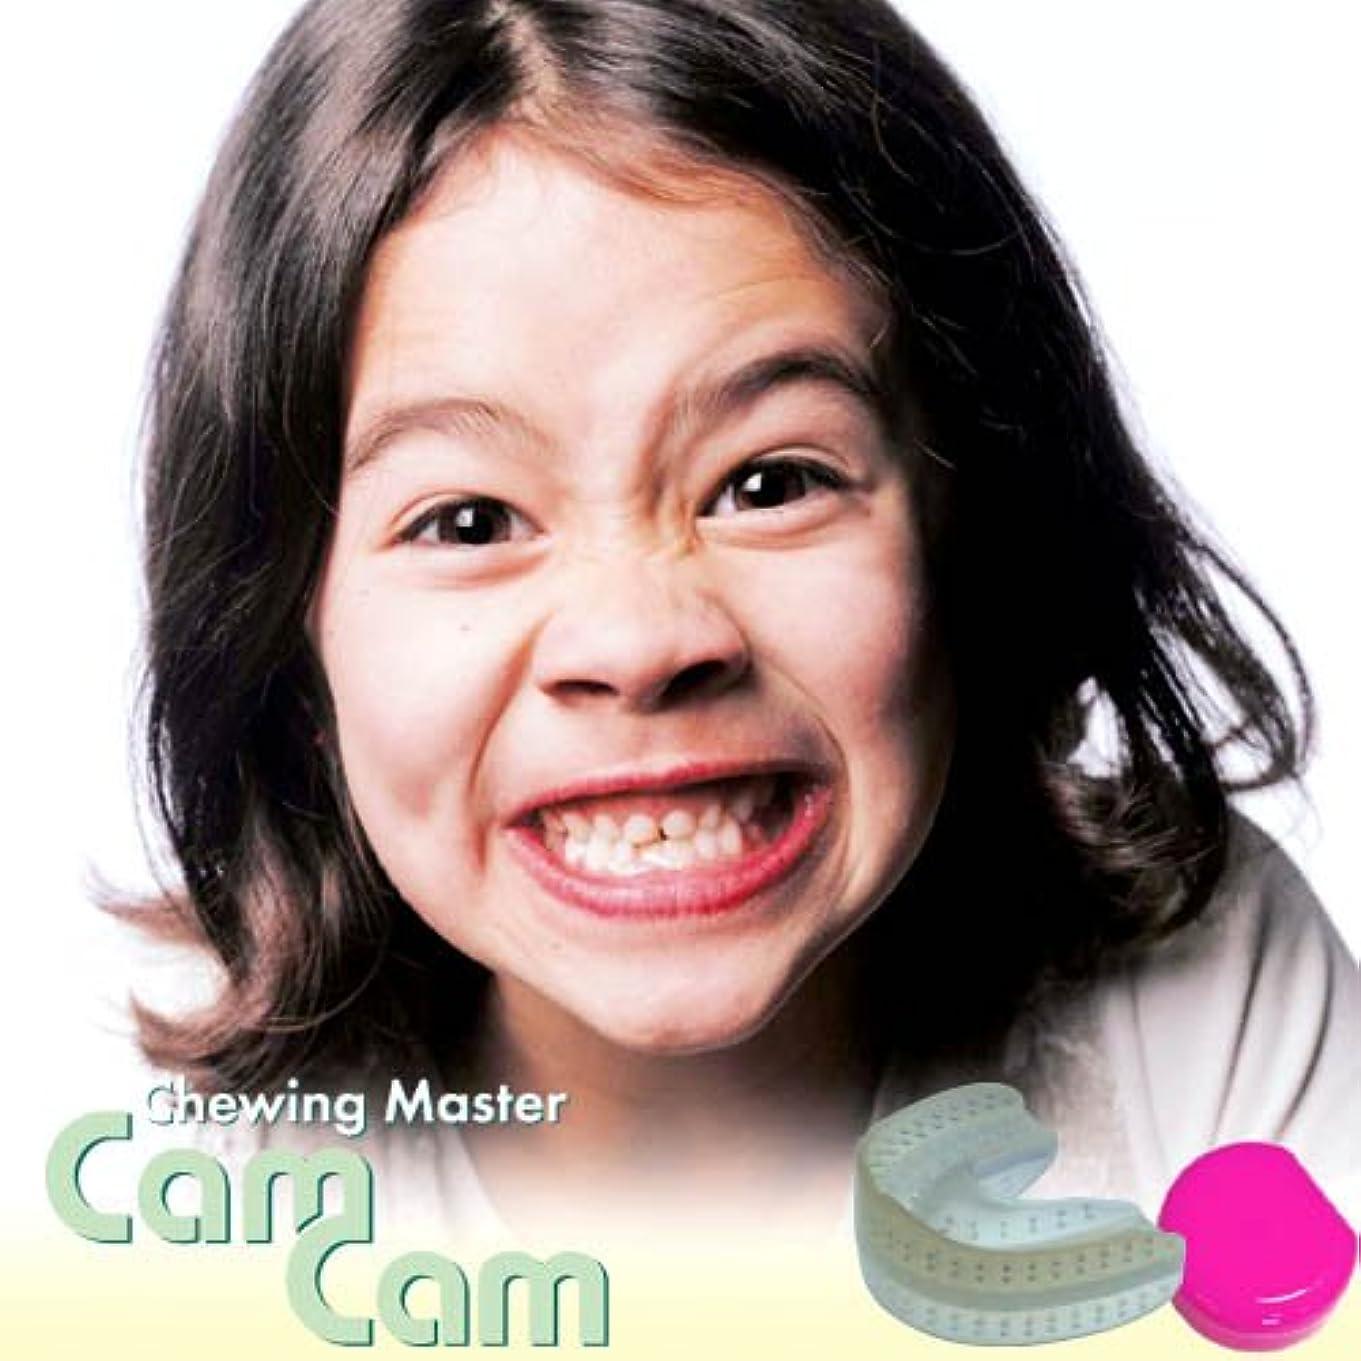 自慢命令罪歯科医師開発 口腔筋機能トレーニング マウスピース 【CamCam MD (ピンク)】混合歯列期から永久歯列期用